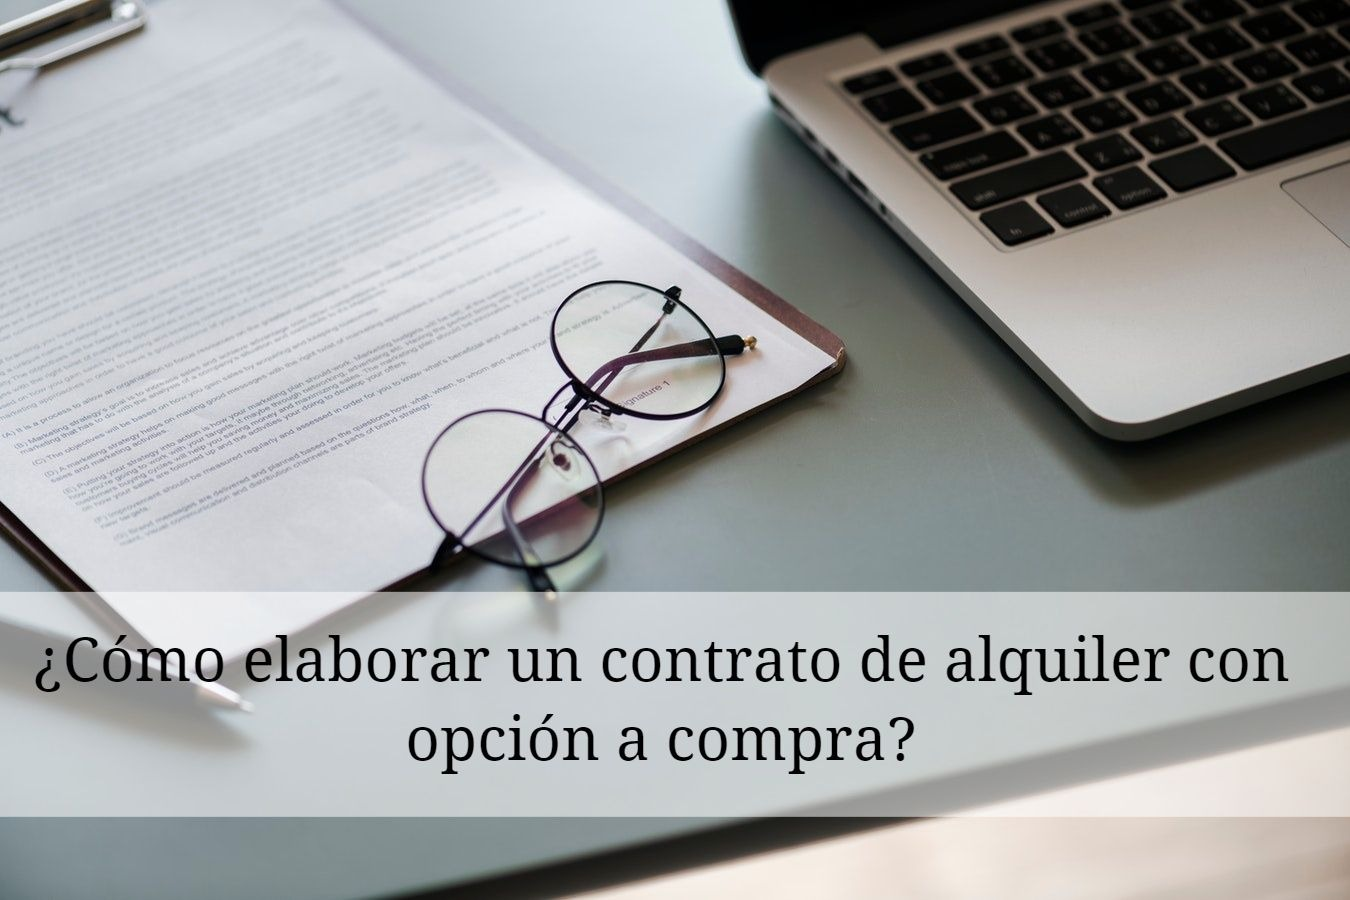 Cómo elaborar un contrato de alquiler con opción a compra - ¿Cómo elaborar un contrato de alquiler con opción a compra?